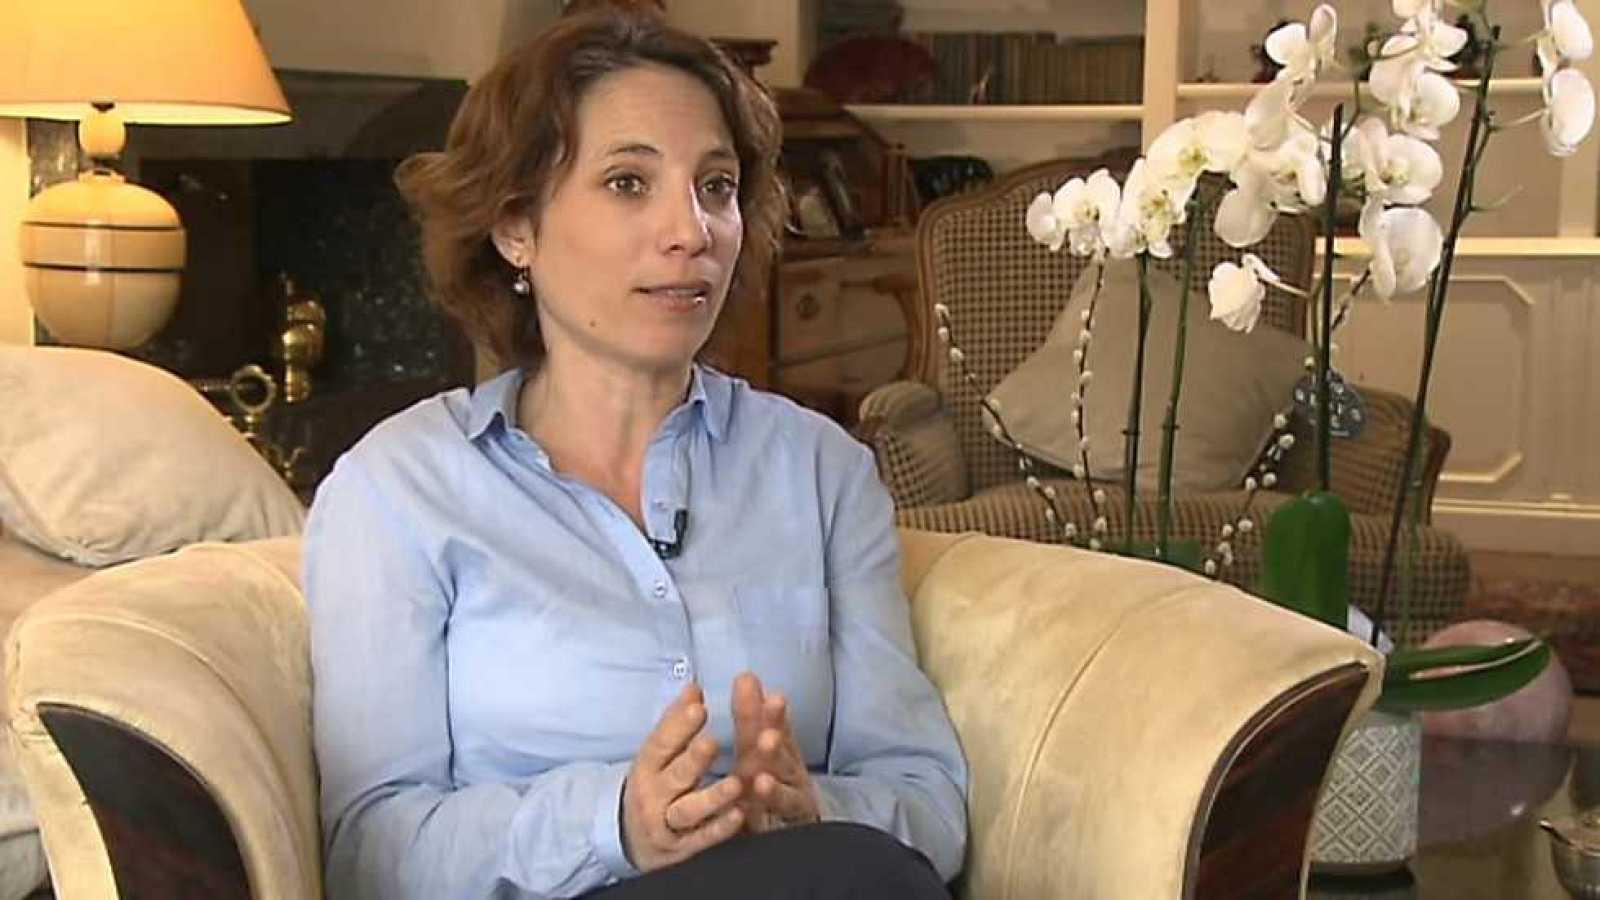 1c044fff004c7 Para todos los públicos Shalom - La mujer israelí - ver ahora reproducir  video